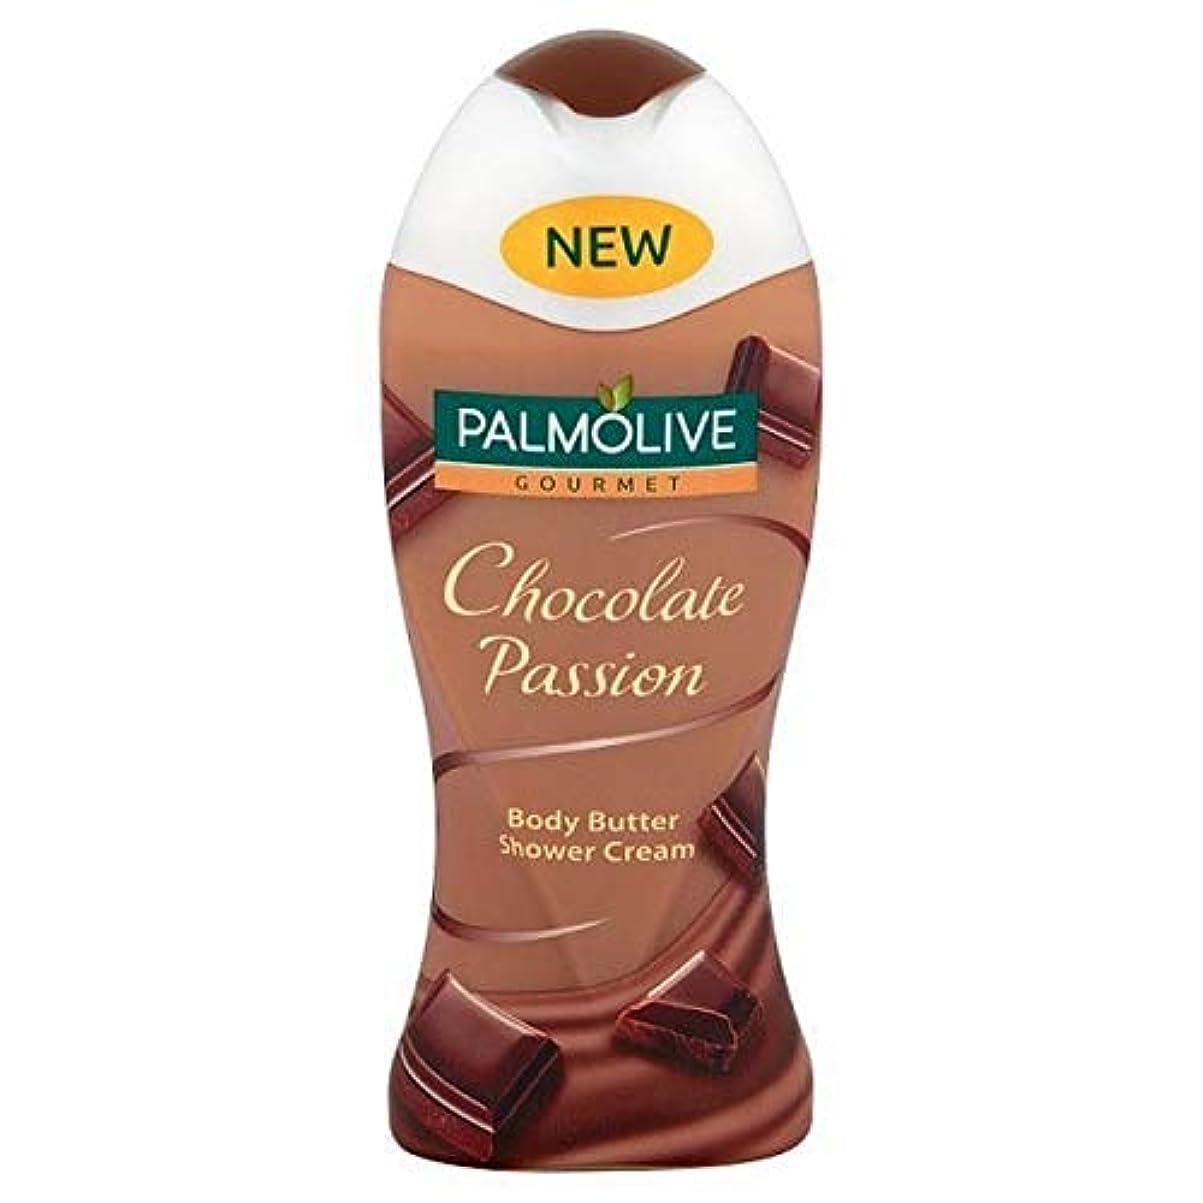 好み顕著ドロップ[Palmolive ] パルモグルメチョコレートパッションシャワージェル250ミリリットル - Palmolive Gourmet Chocolate Passion Shower Gel 250ml [並行輸入品]